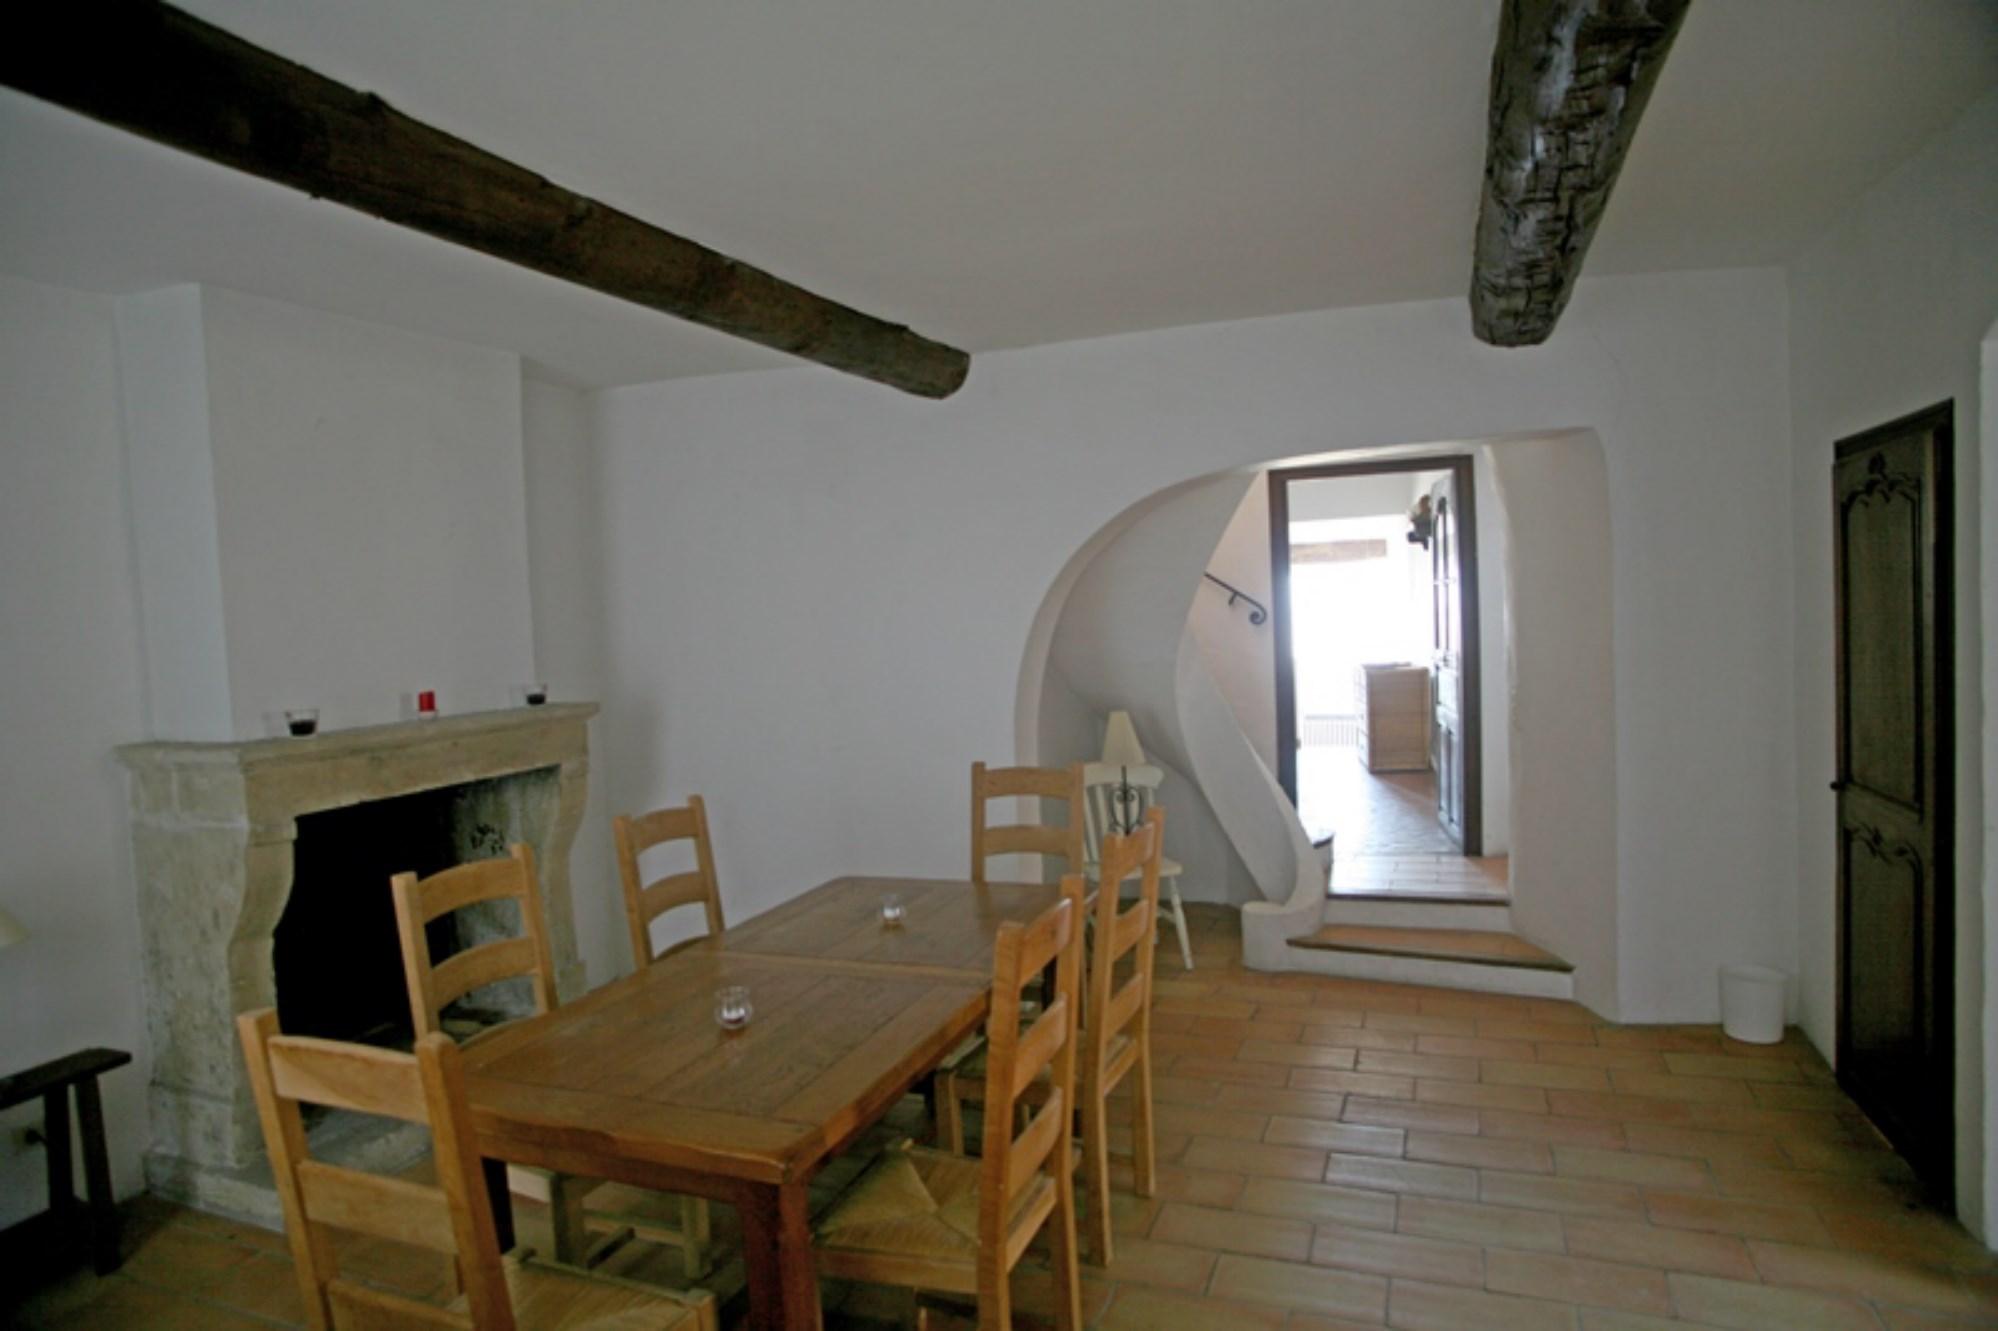 A vendre, à Gordes,  très belle maison de village avec terrasse et vue possibilité commerce